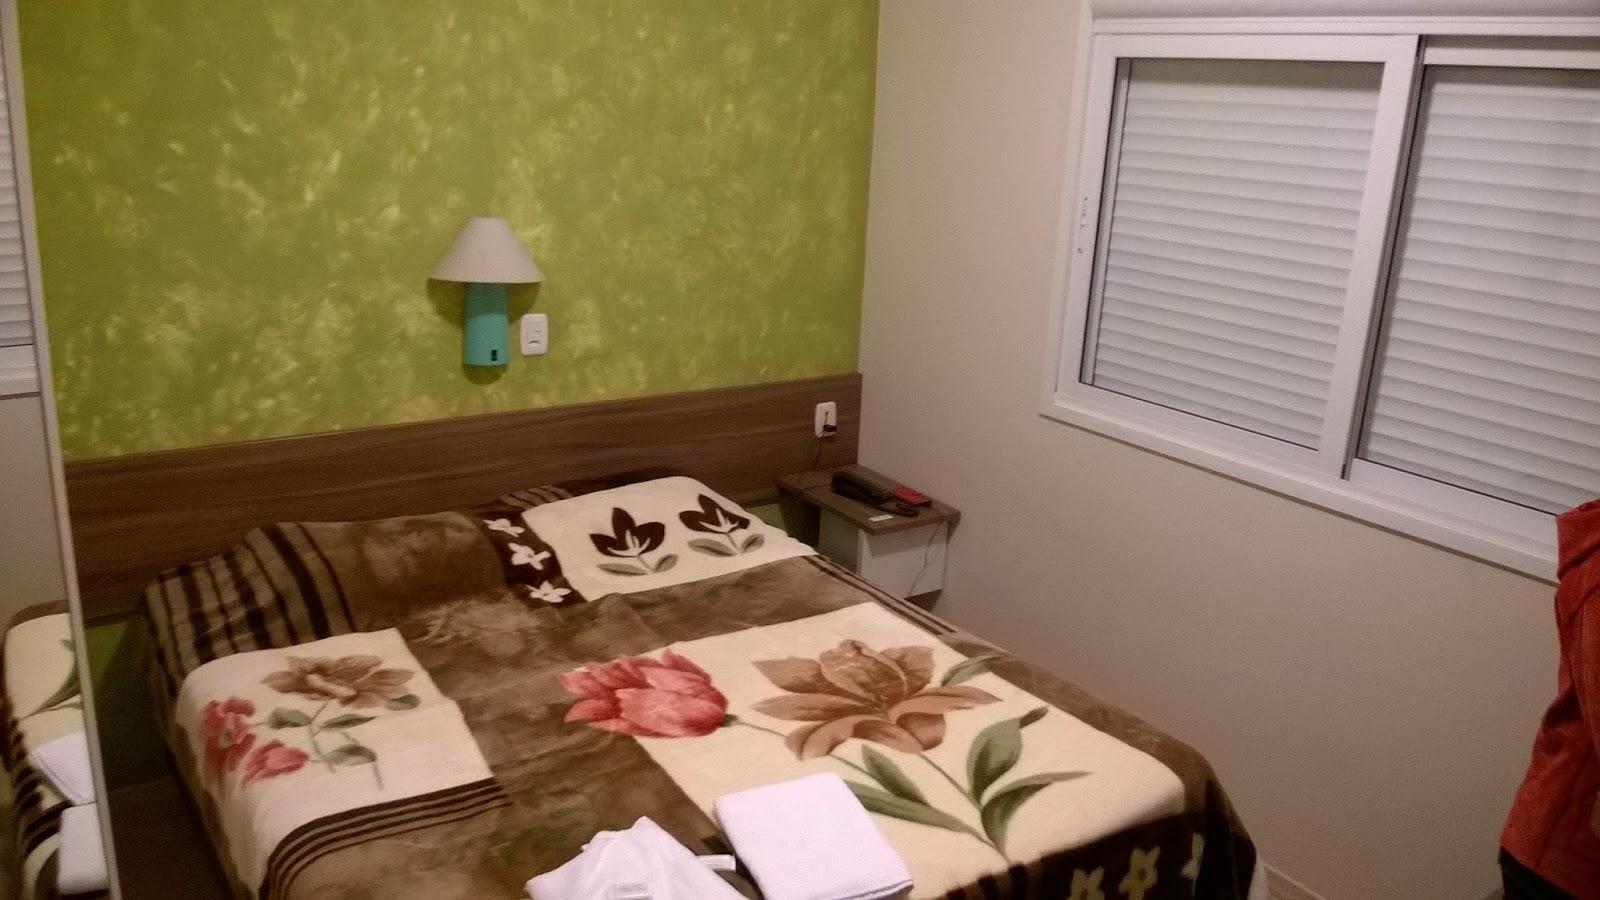 Imagens de #39200C Doro Hotel Farroupilha RS ~ Novo Caroneiro 1600x900 px 2952 Box Banheiro Farroupilha